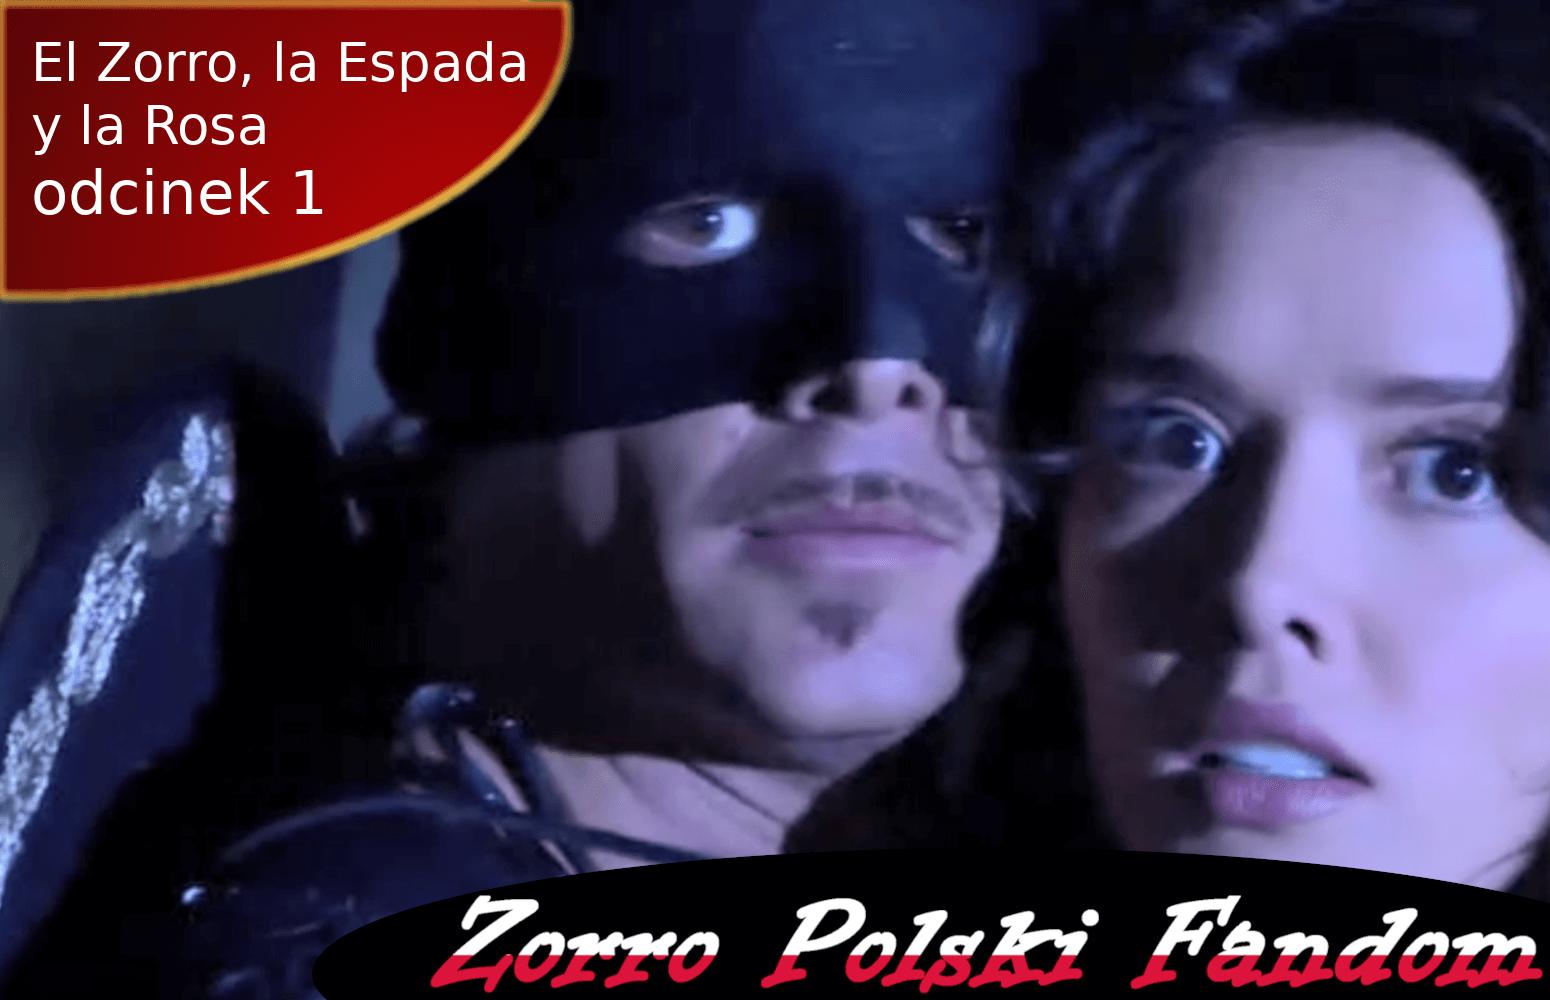 El Zorro, la Espada y la Rosa odcinek 1 PL